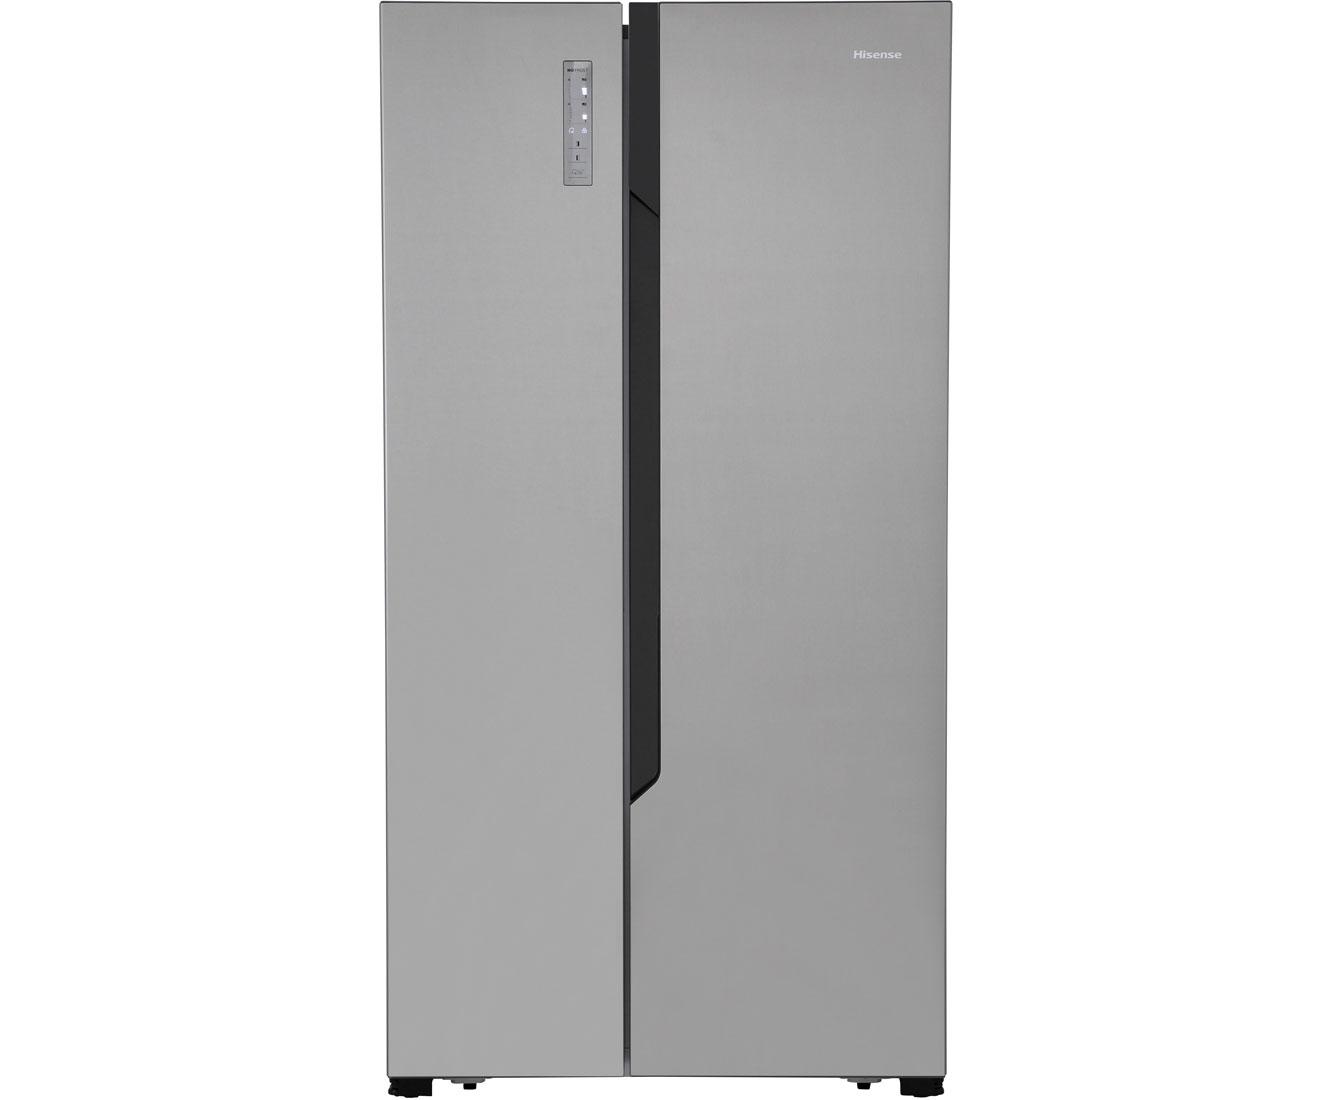 Siemens Kühlschrank Edelstahl : Kühlschrank edelstahl ohne gefrierfach french door kühlschrank